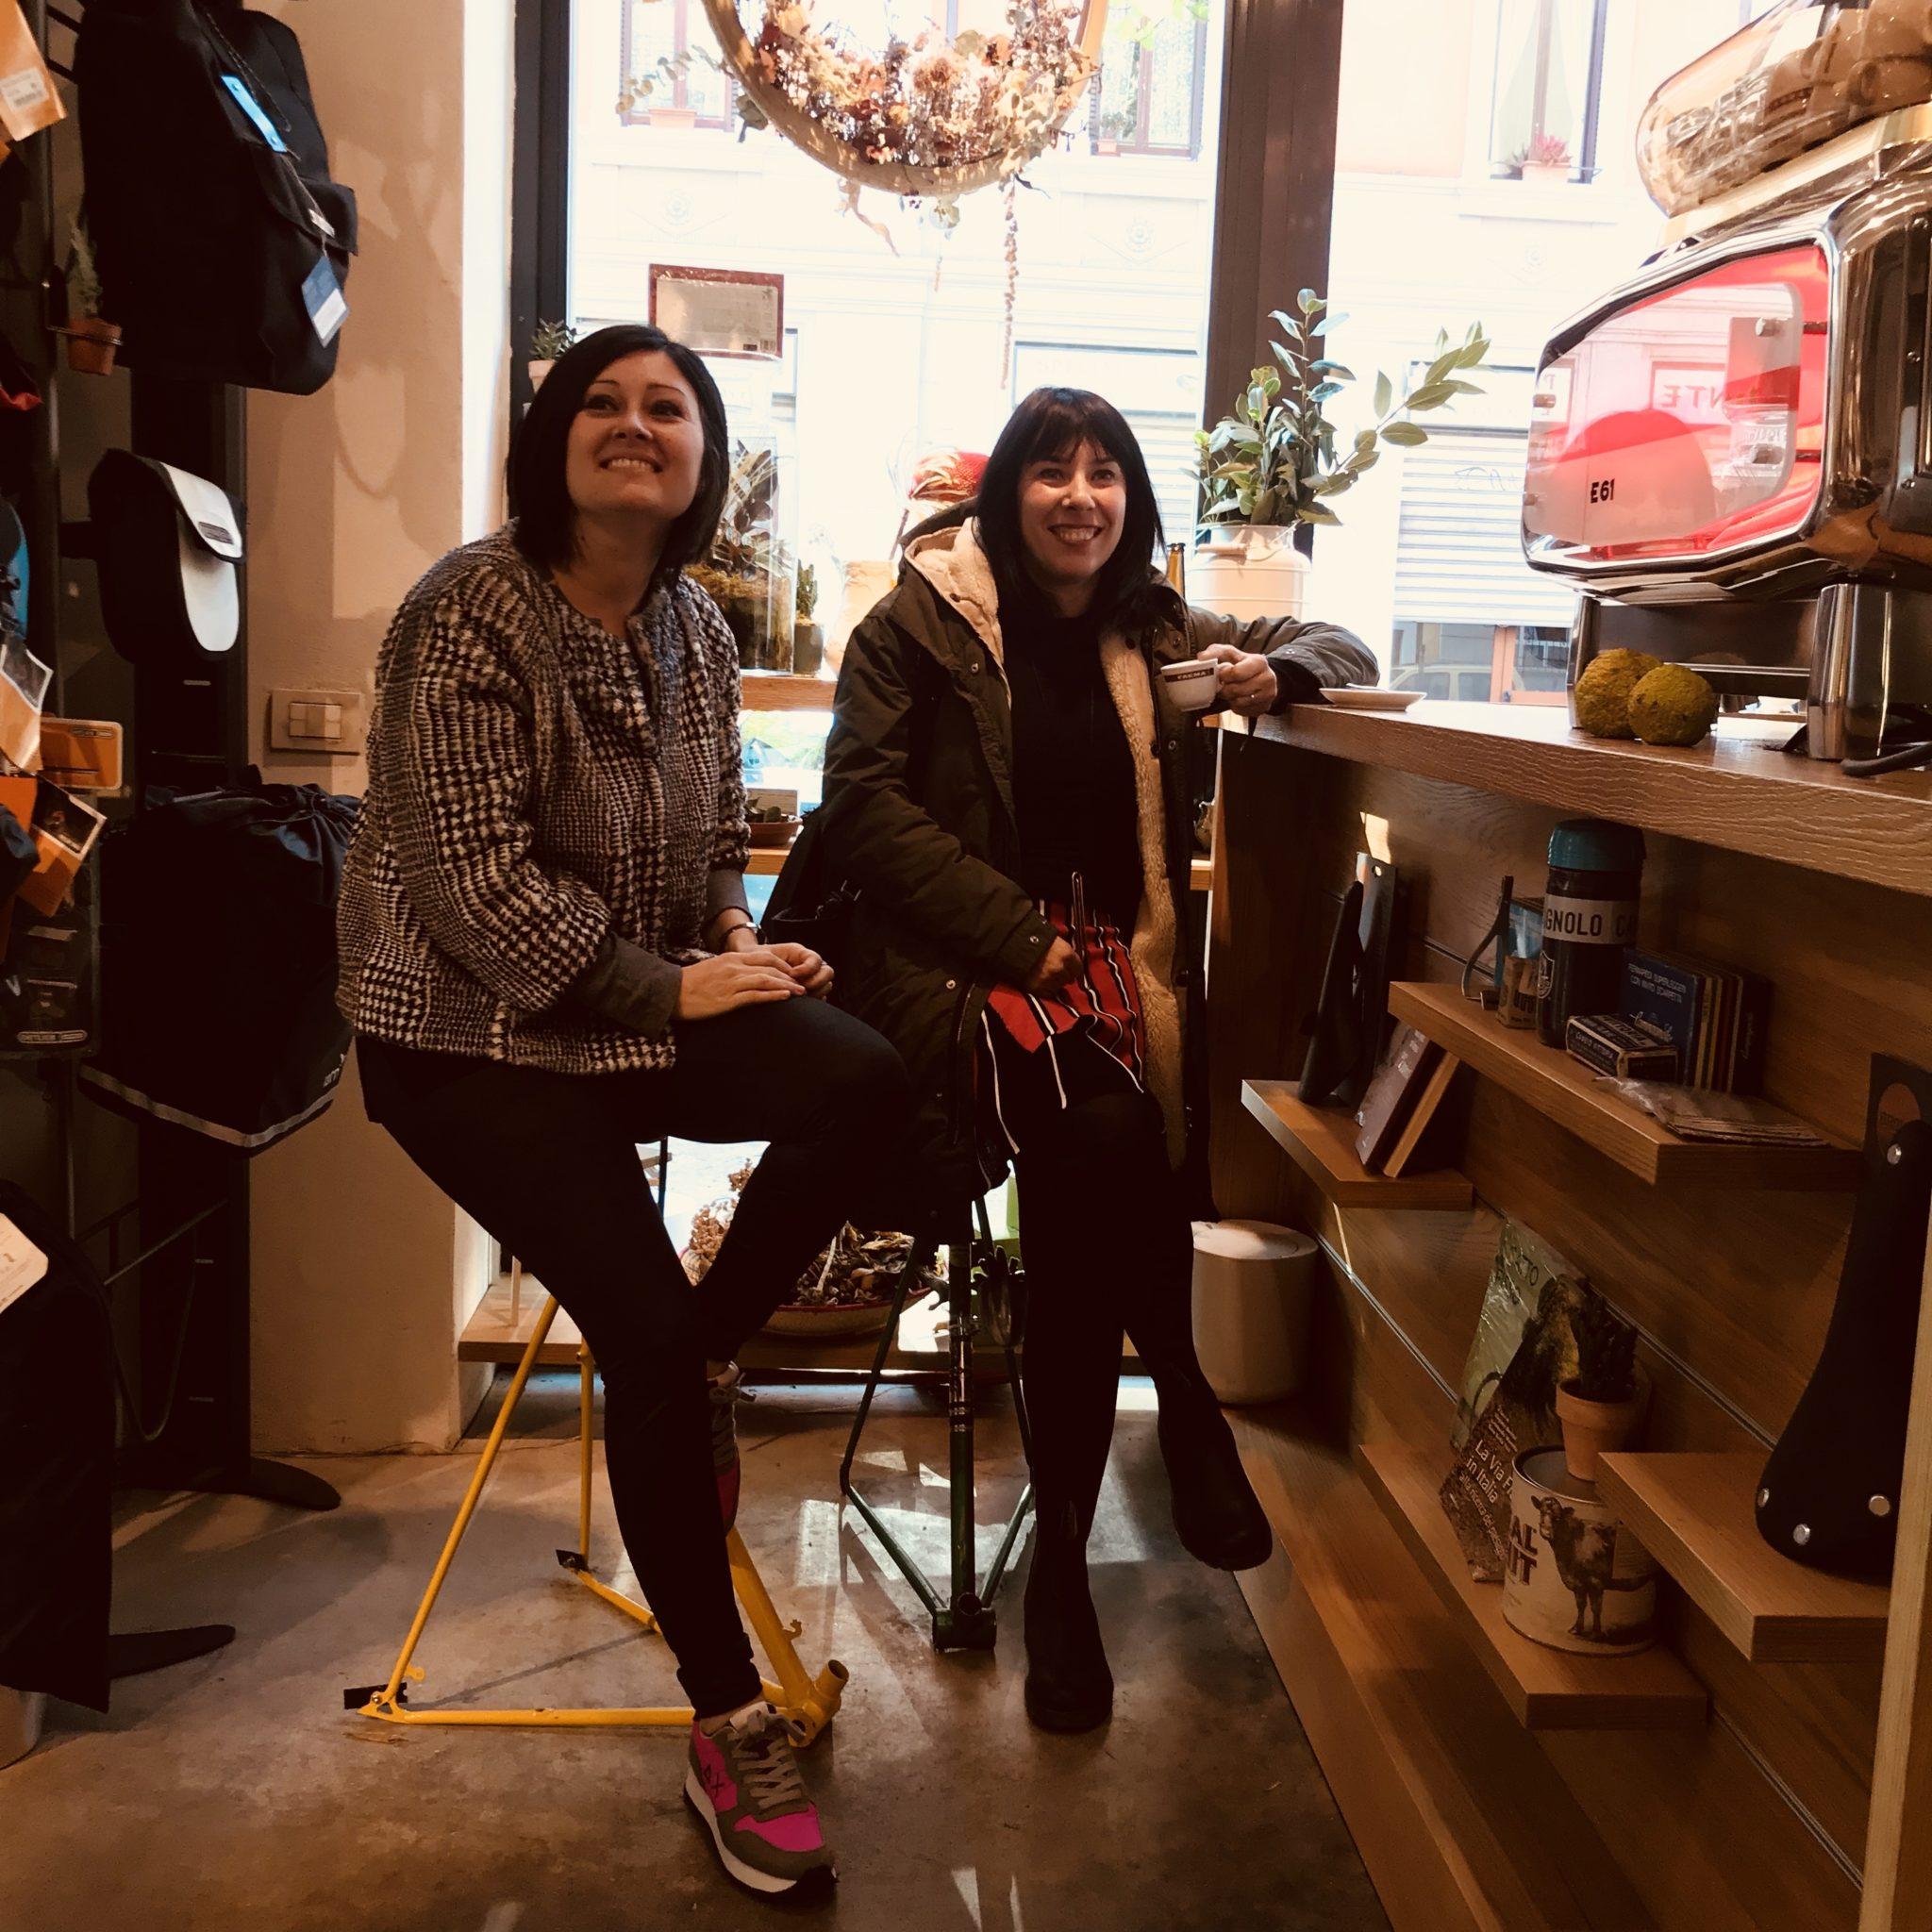 Bici&Radici, il concept store dove appassionati di ciclismo e di natura si incontrano, anche per bere un buon caffè e sorseggiare ottimi vini di Sicilia